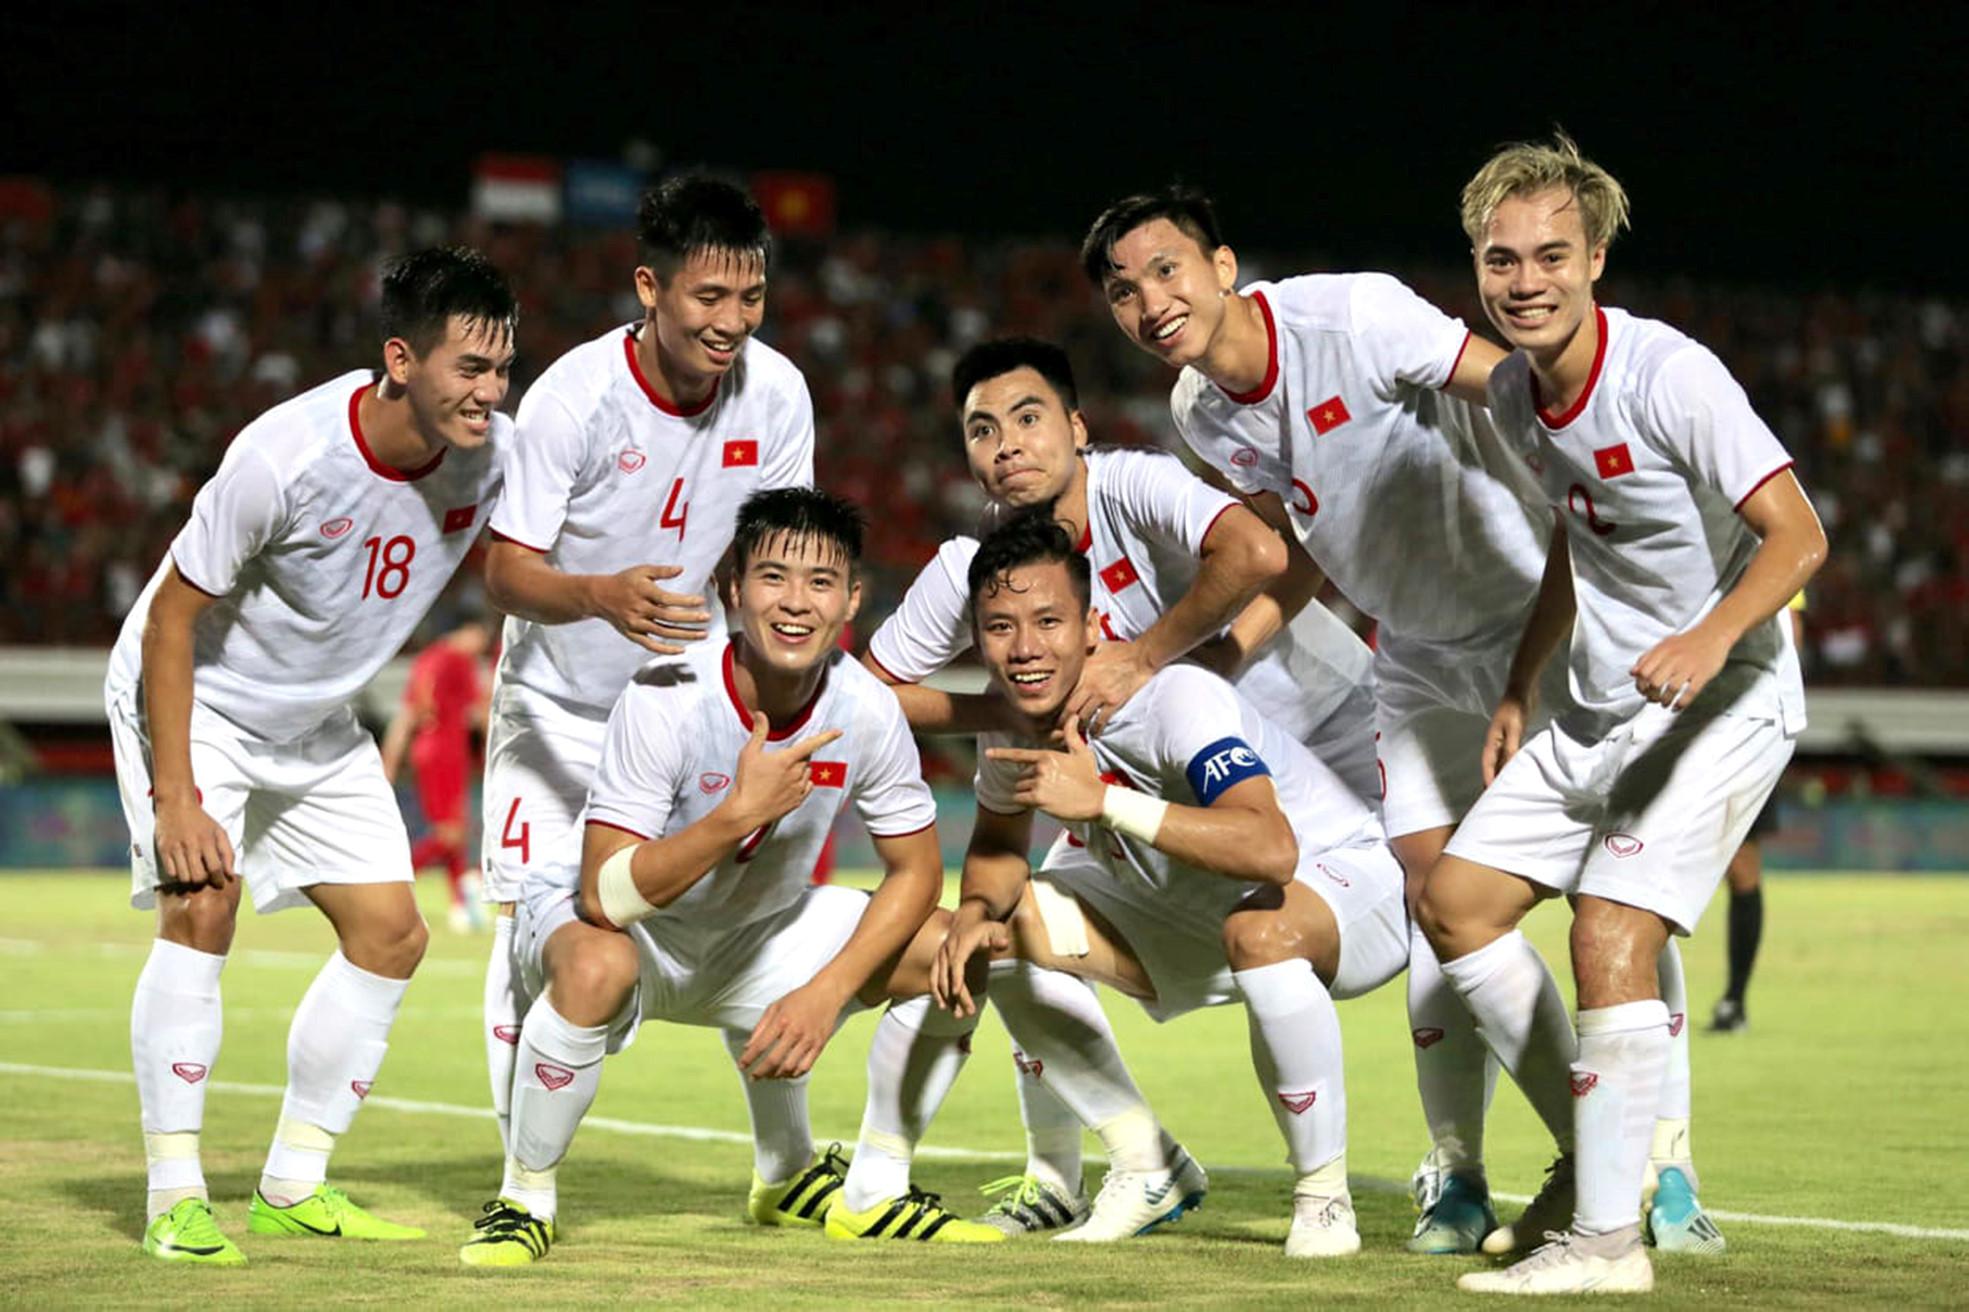 Báo Hàn: Với HLV Park Hang-seo, giấc mơ World Cup đang đến gần với ĐT Việt Nam - Bóng Đá